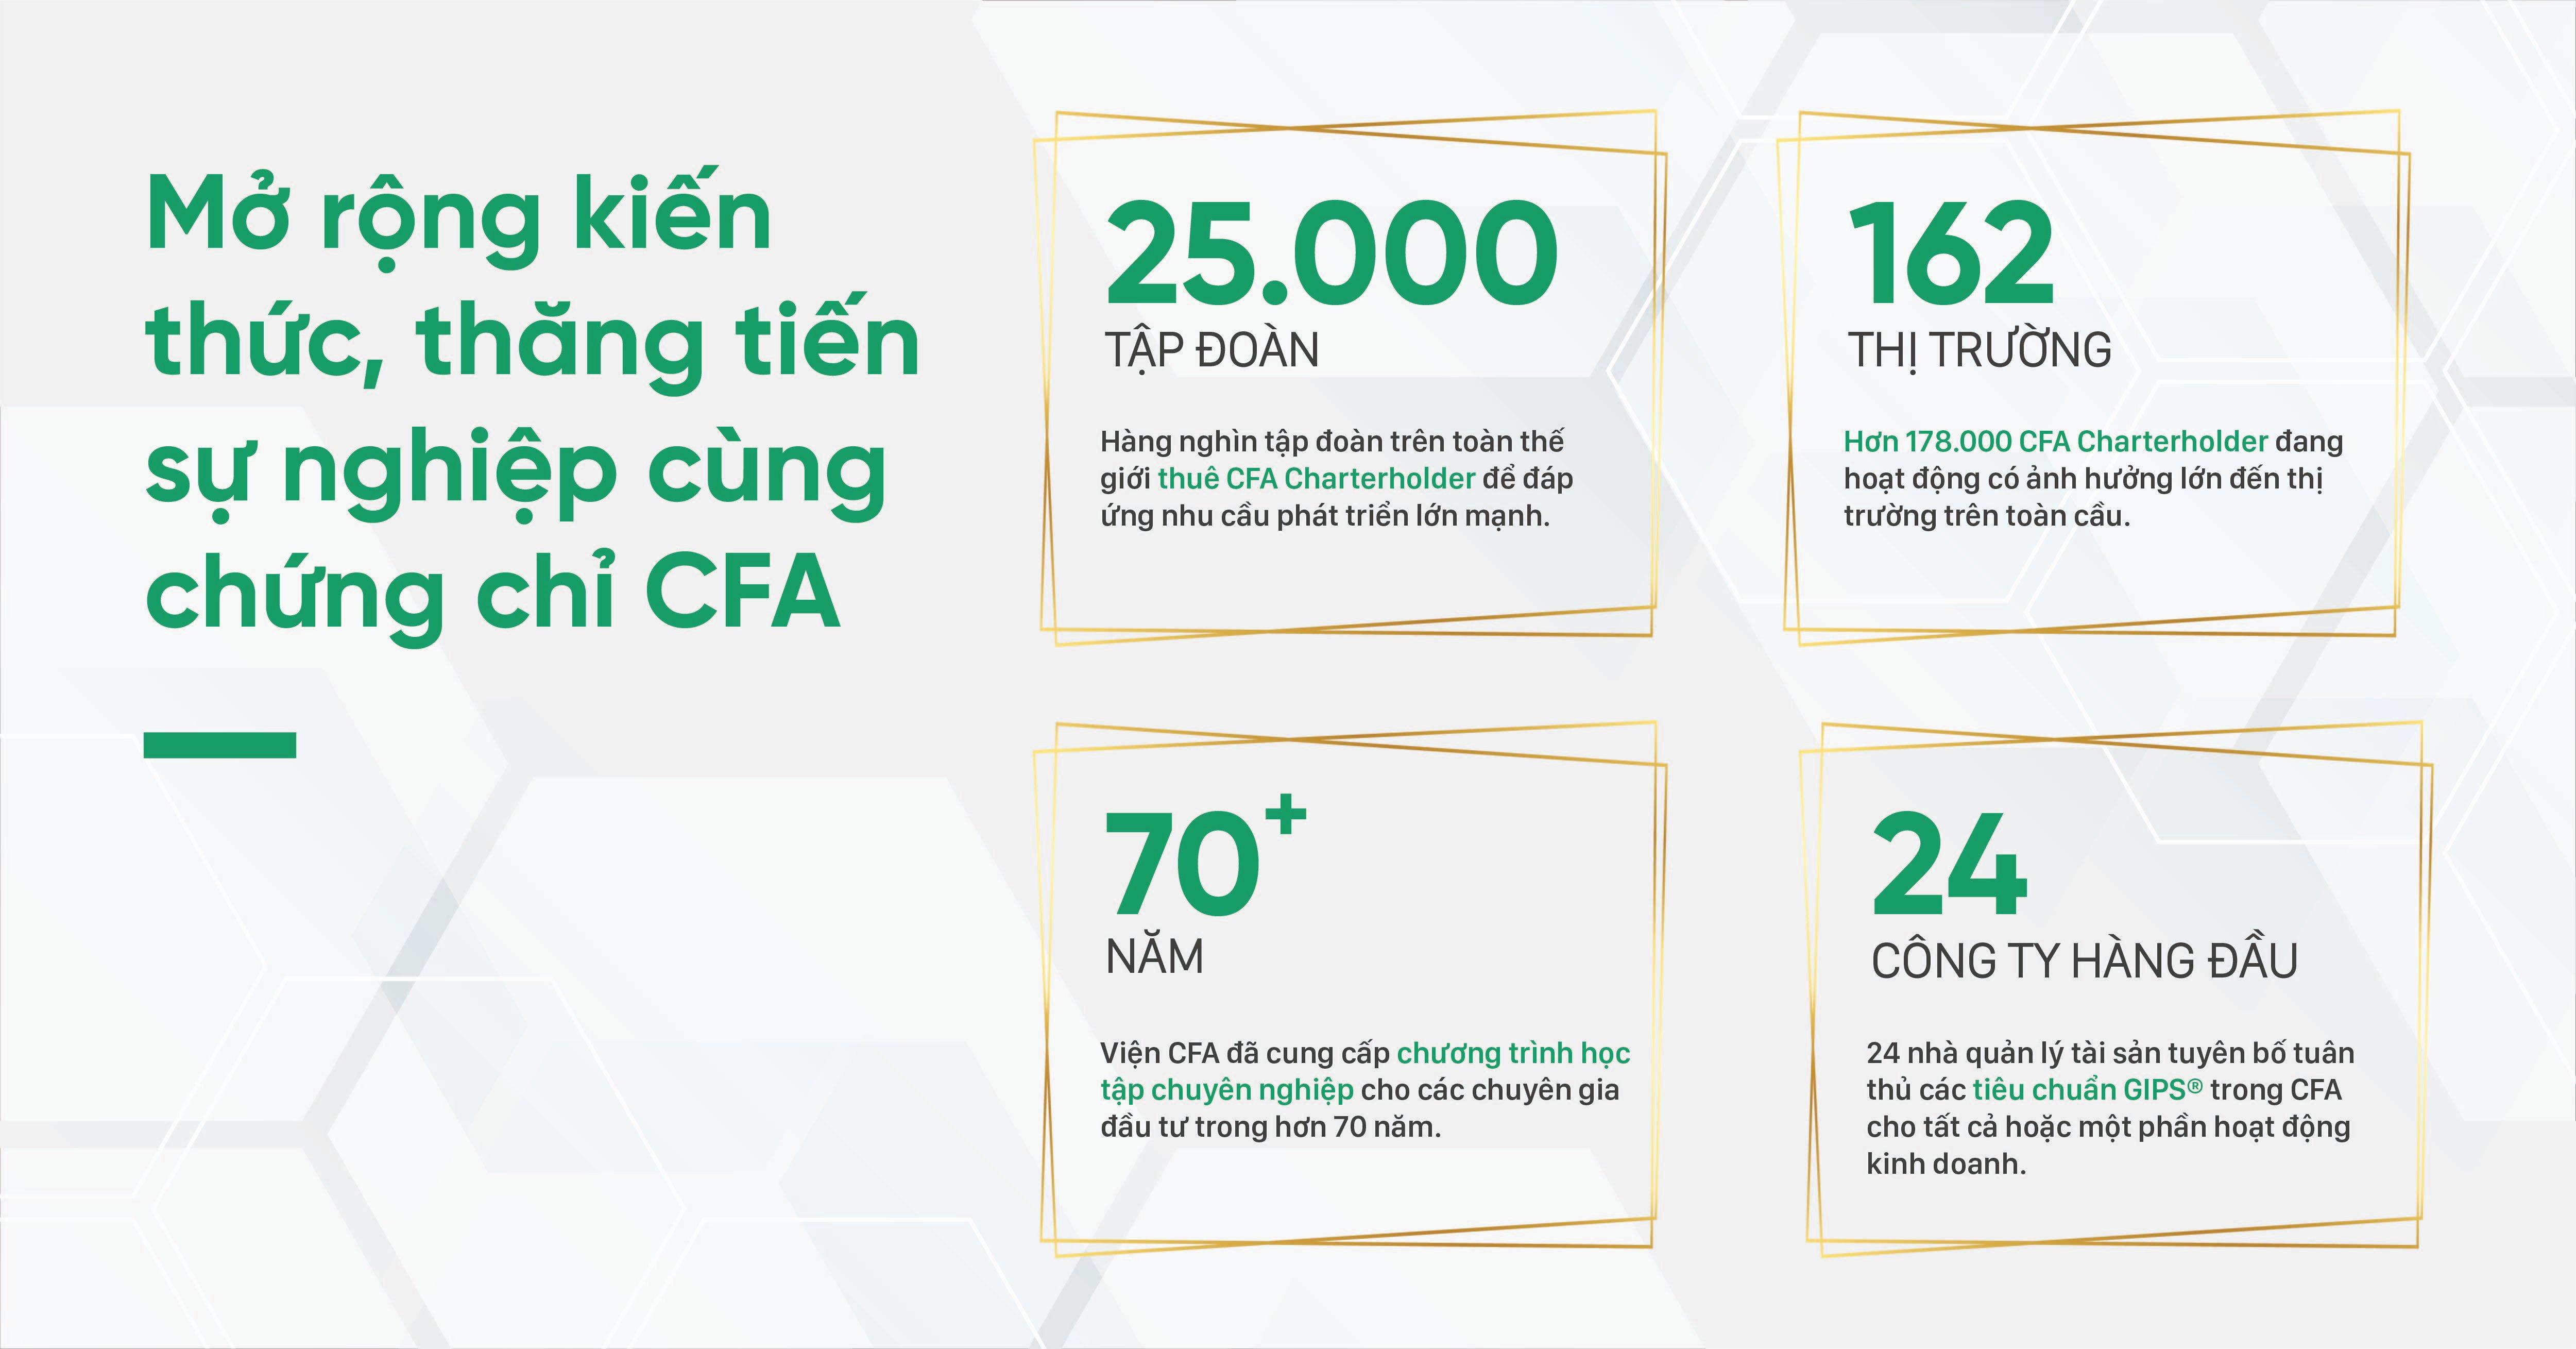 Ảnh 2: Mở rộng kiến thức, thăng tiến sự nghiệp cùng chứng chỉ CFA